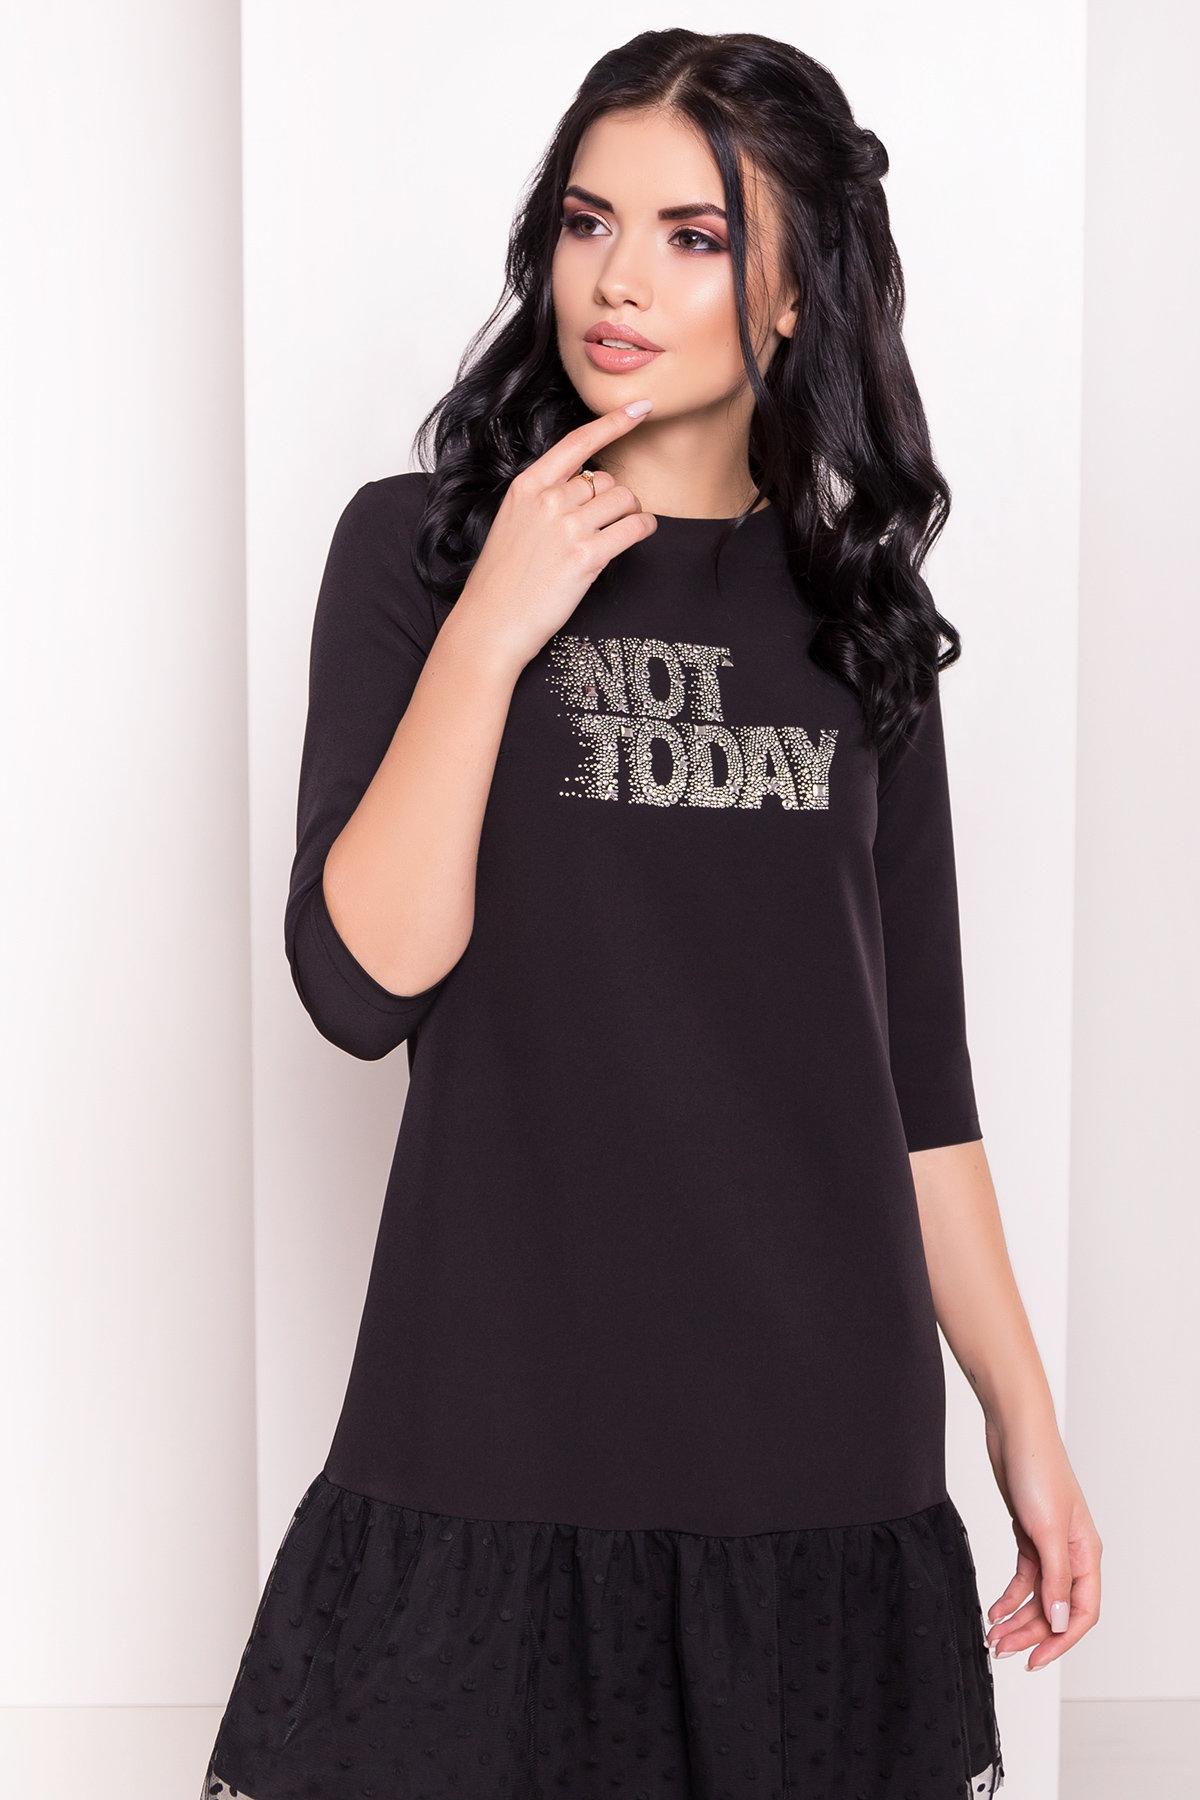 Платье Медисон 5950 АРТ. 40482 Цвет: Черный - фото 3, интернет магазин tm-modus.ru